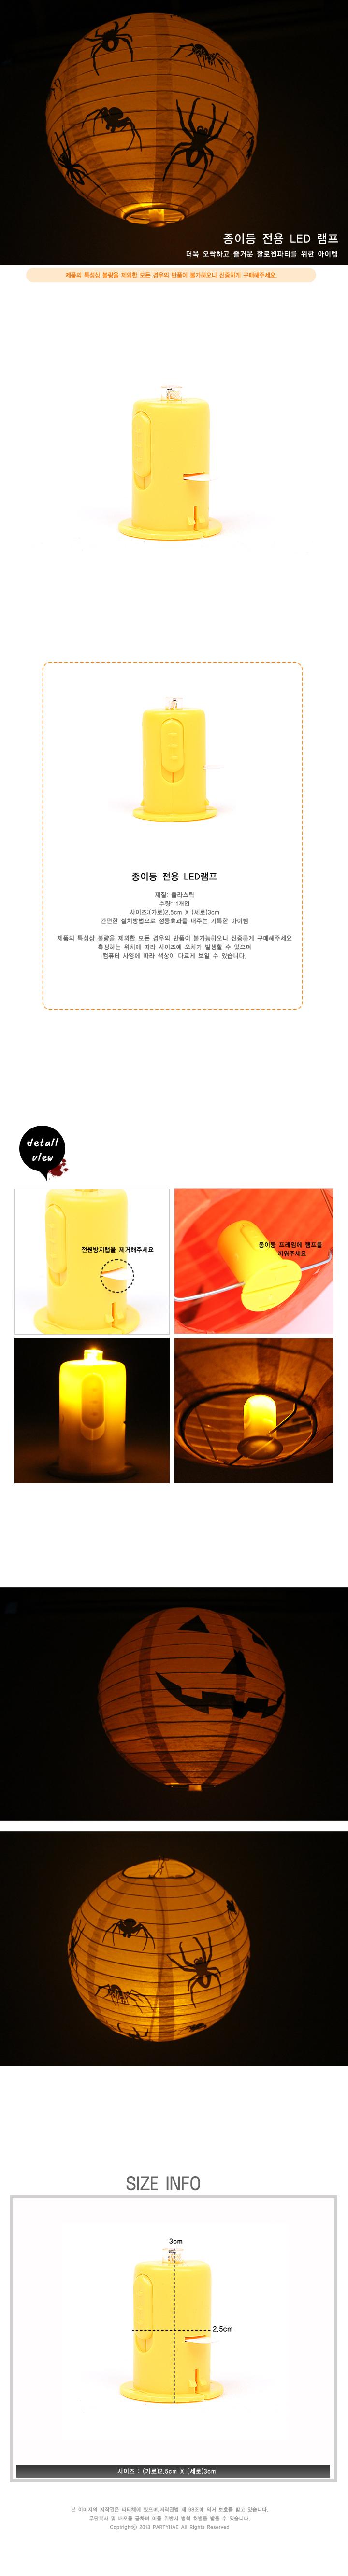 종이등 전용 LED 램프 - 파티해, 1,200원, 파티용품, 데코/장식용품